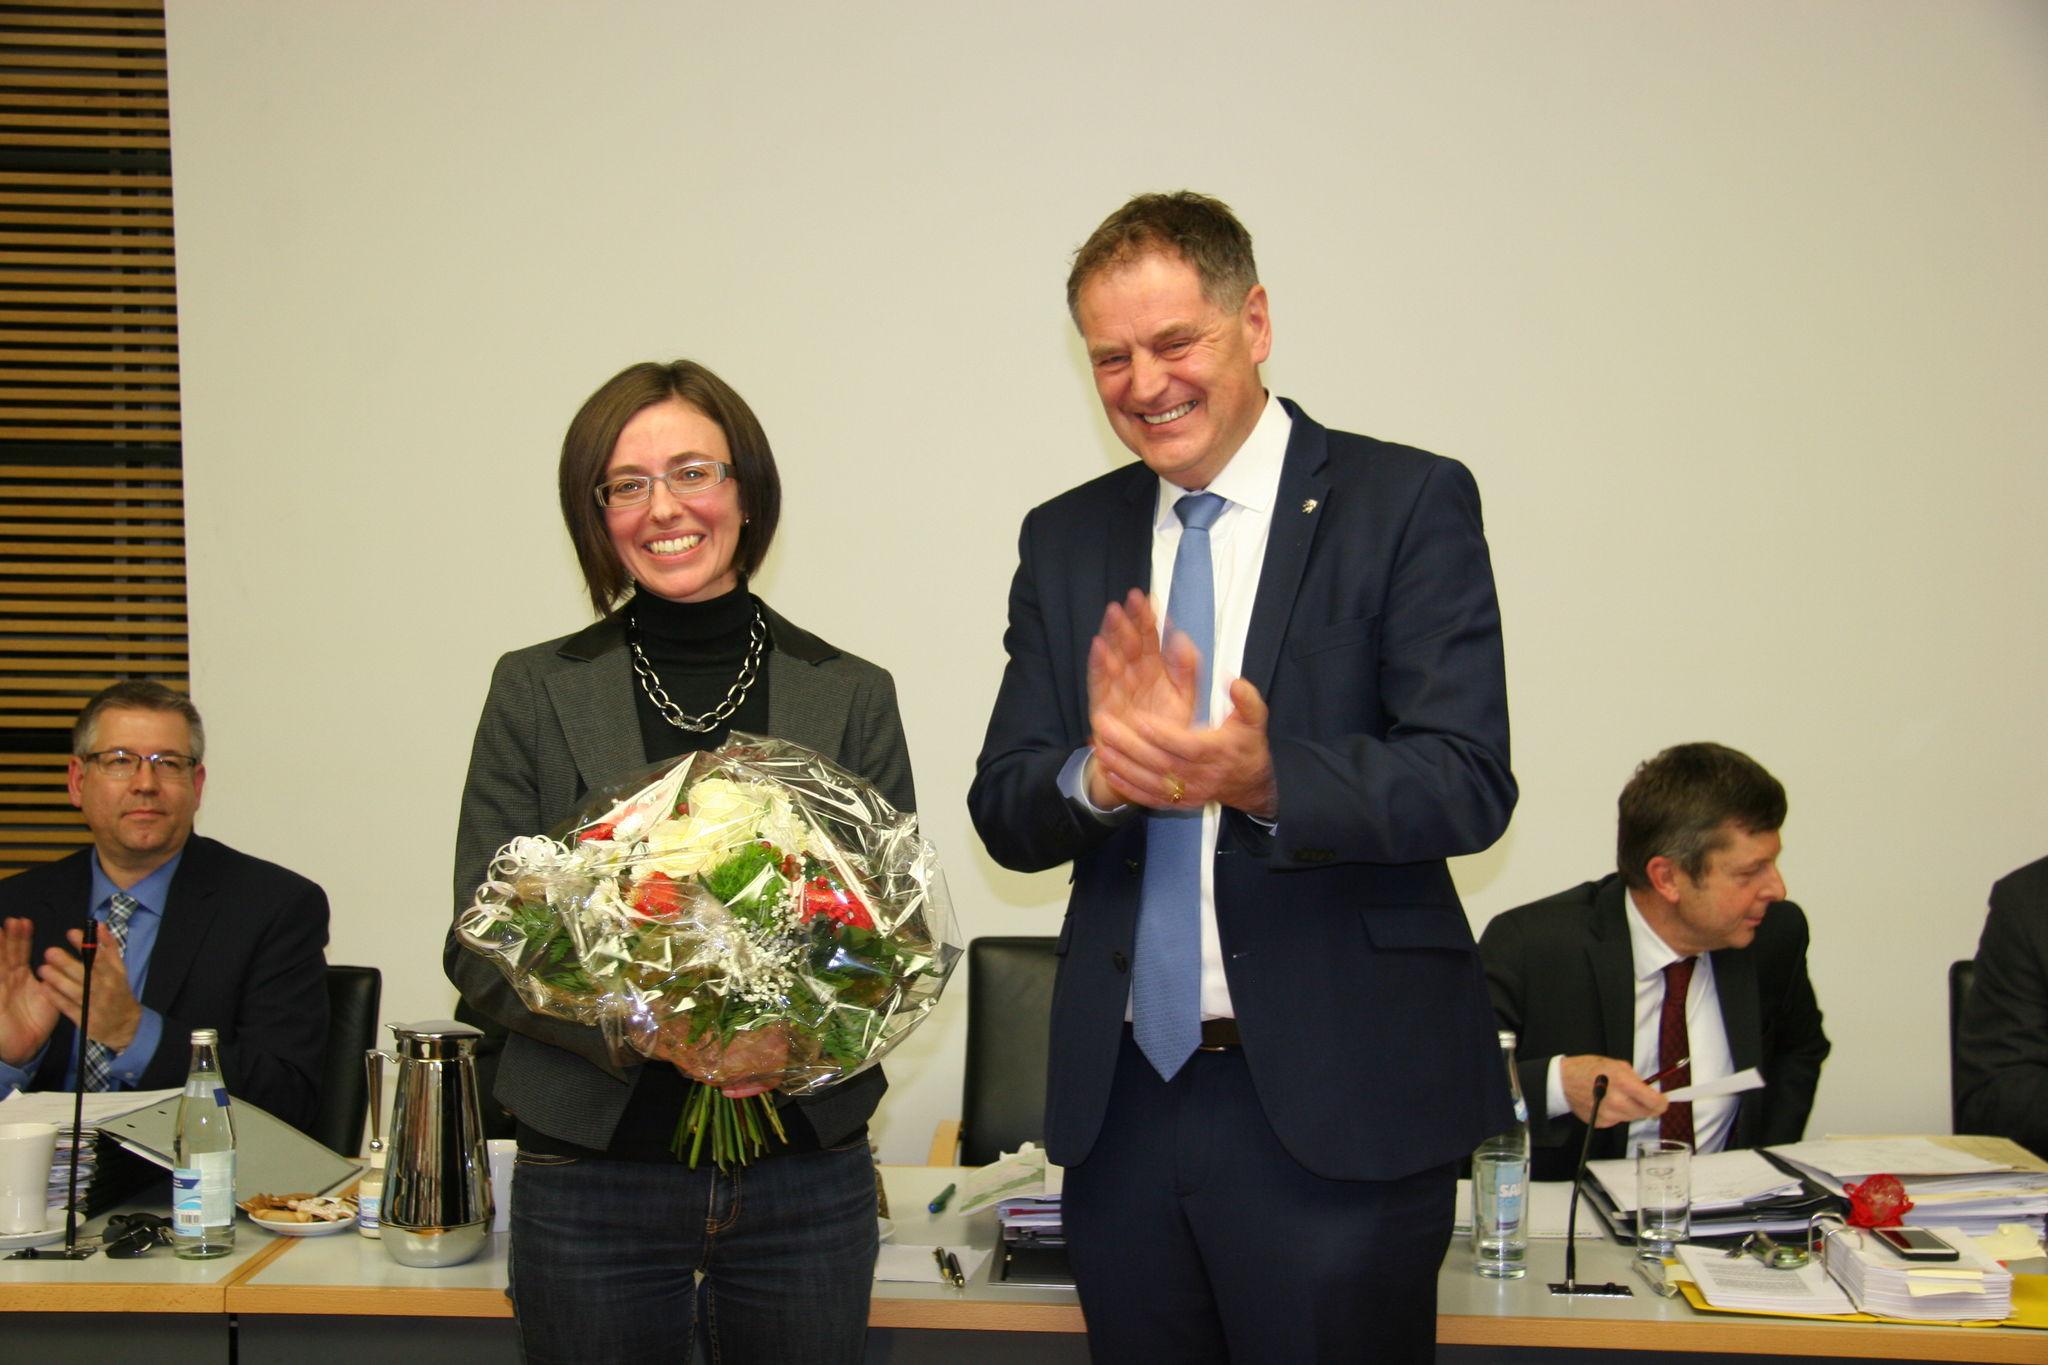 Sabine Rieger Ist Nachfolgerin Von Peter Krebs Im Amt Für